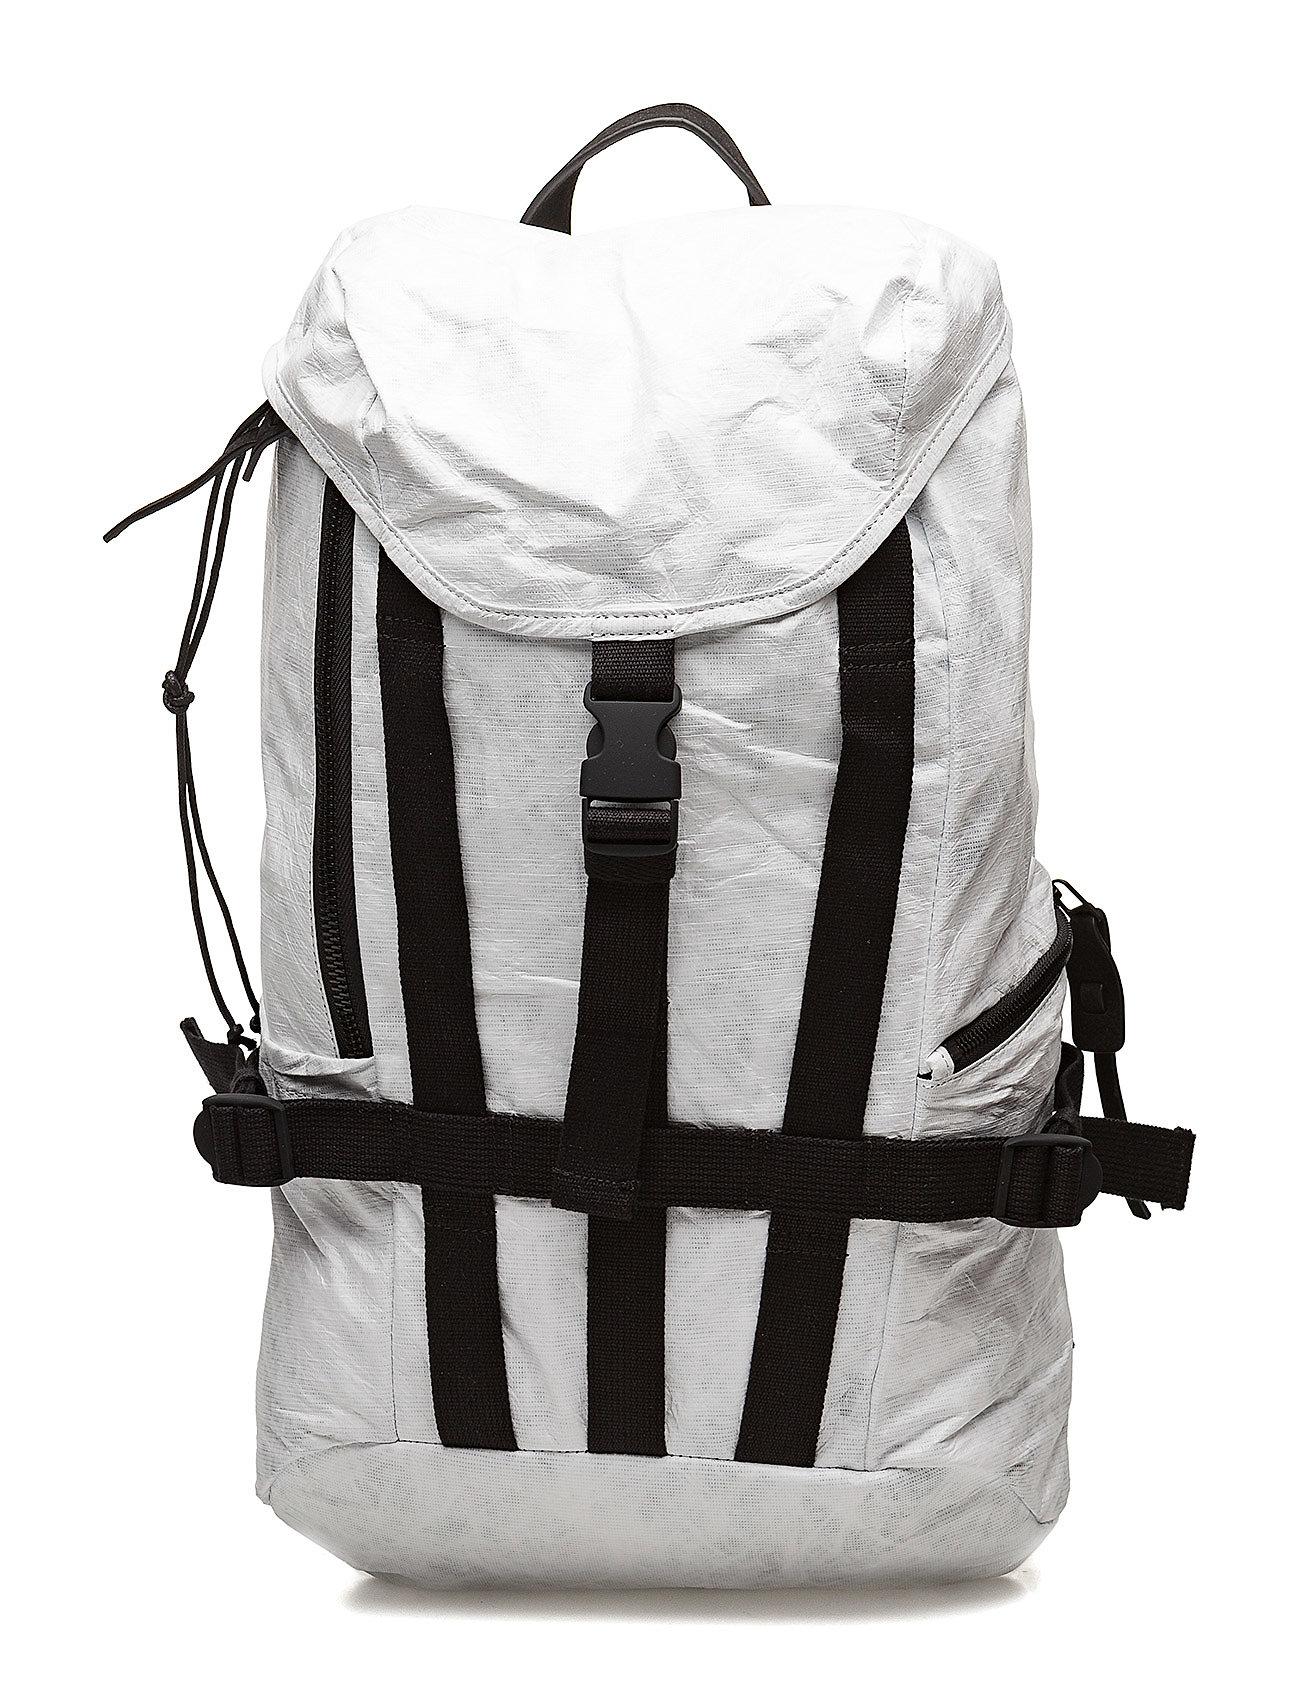 M. Tyvek Backpack (Off White) (£164.50) - Filippa K - Bags   Boozt.com 0f3402d001